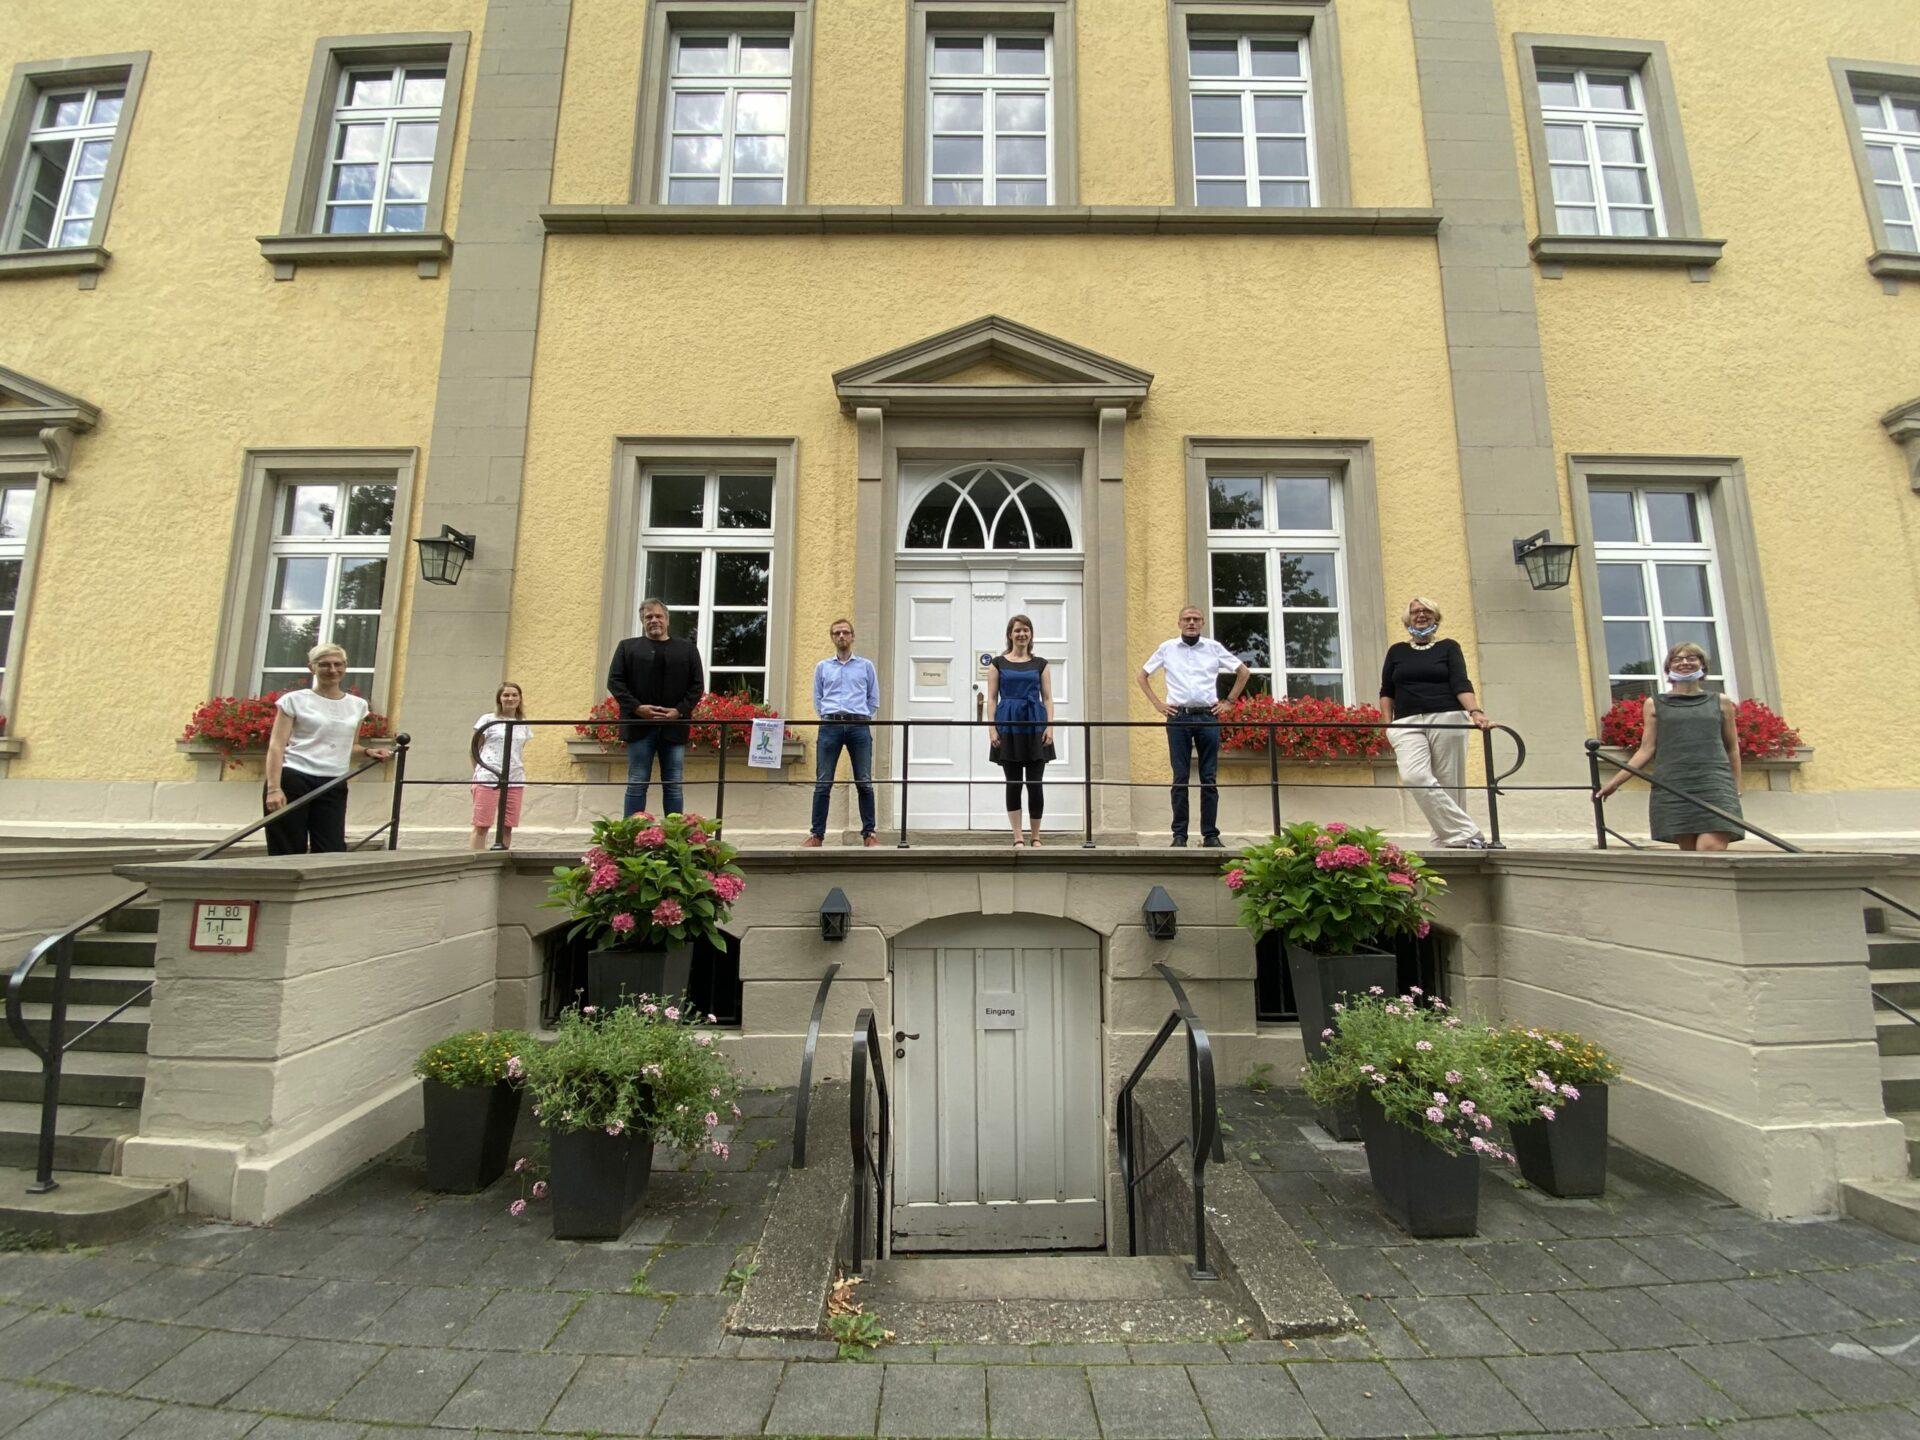 Zurück in den Seminaralltag: Das Institut für Kirche und Gesellschaft und Haus Villigst starten wieder